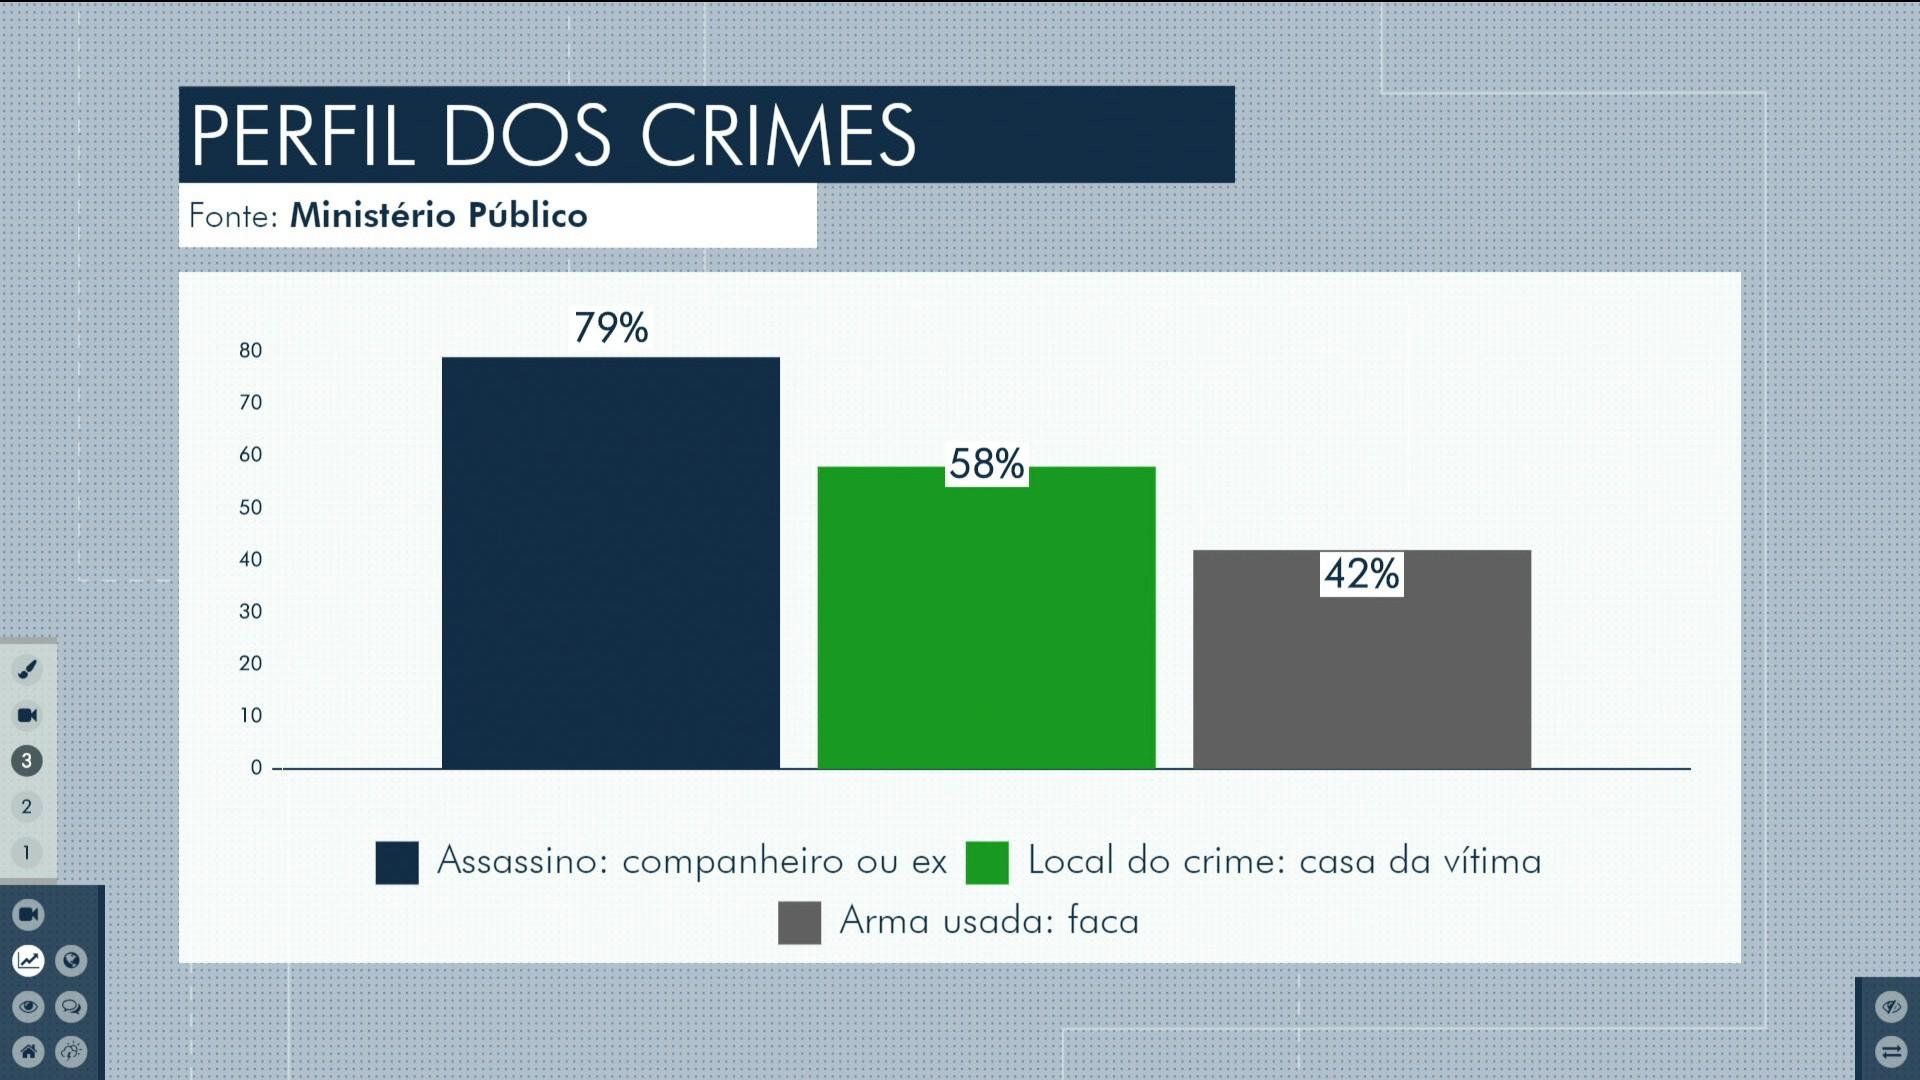 Maranhão registra 31 casos de feminicídio em oito meses - Notícias - Plantão Diário